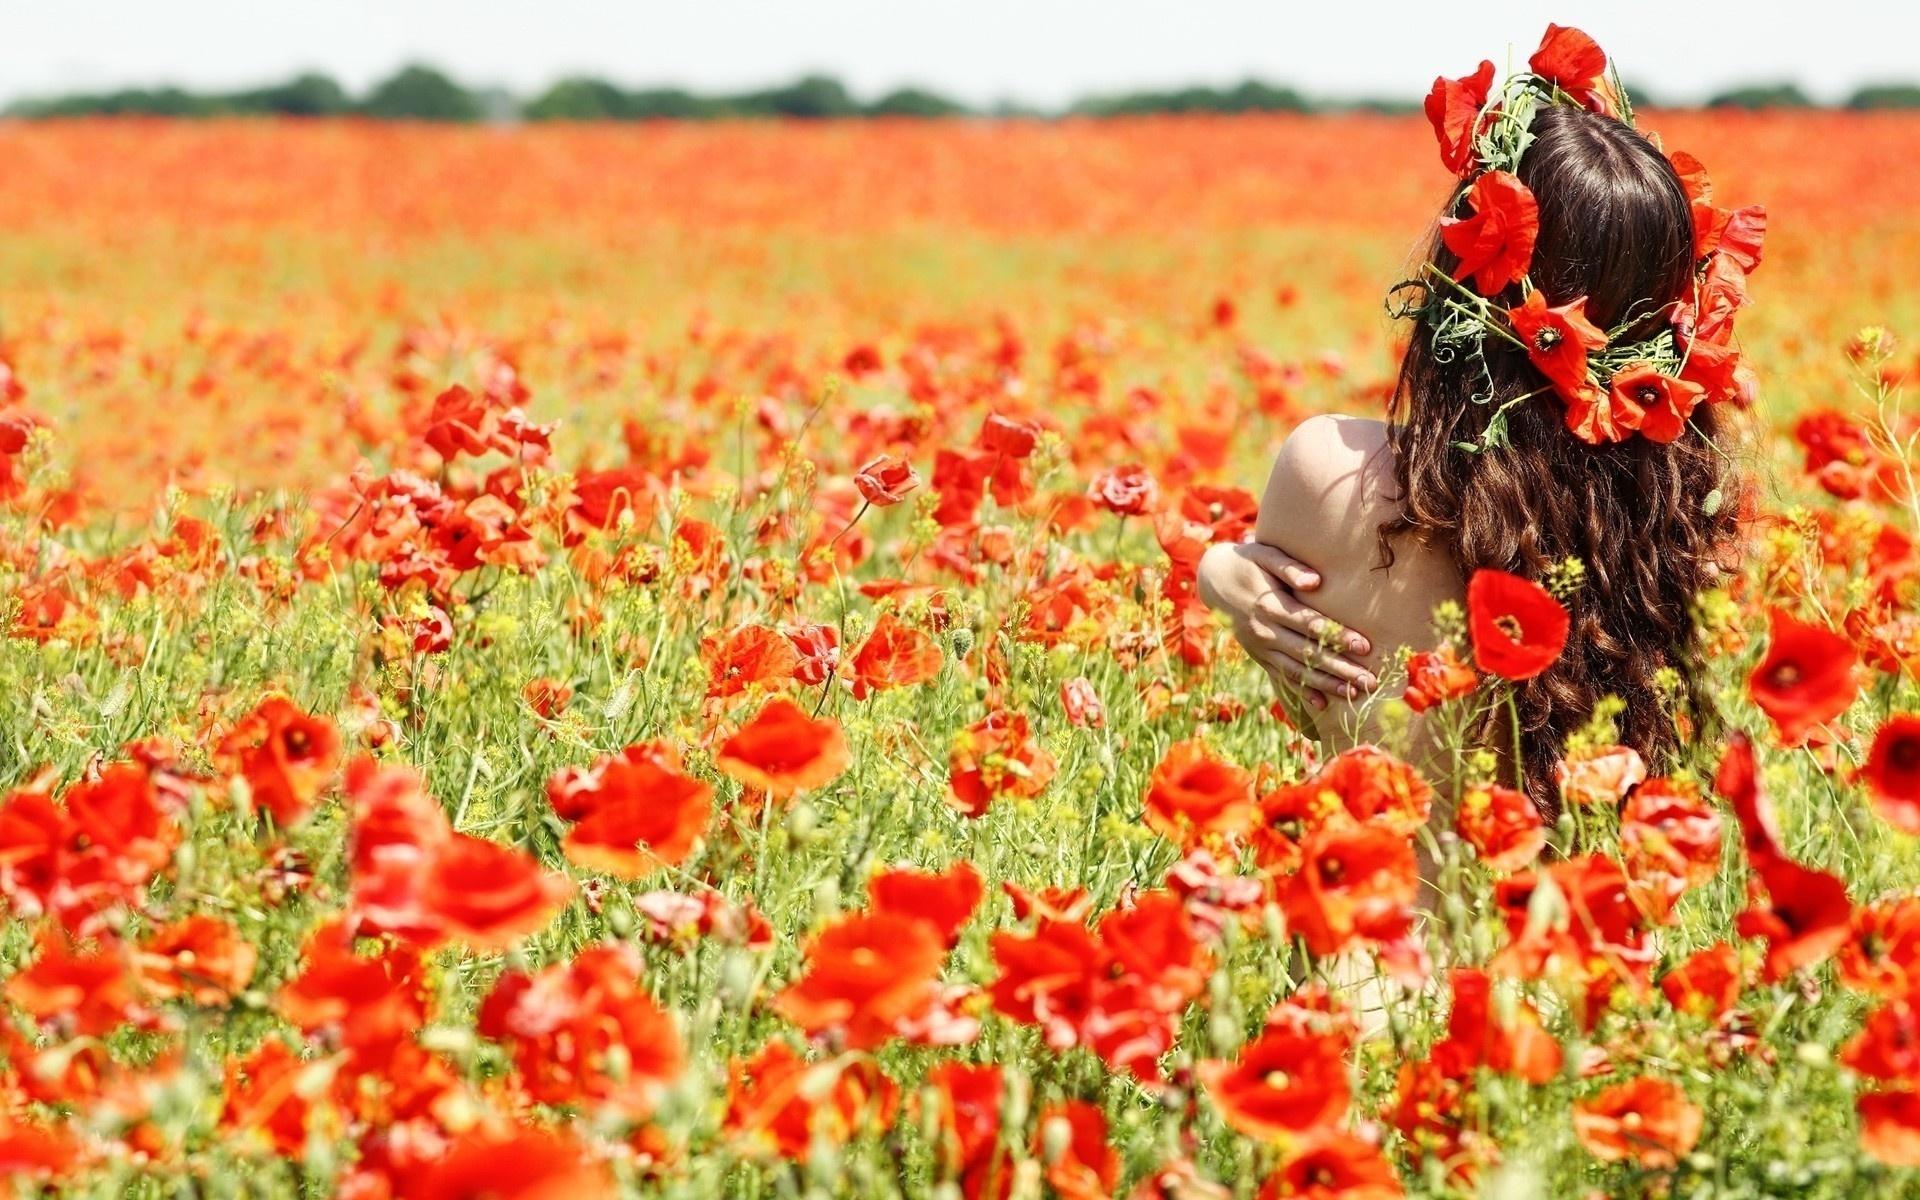 Девушка в поле с венком на голове бесплатно